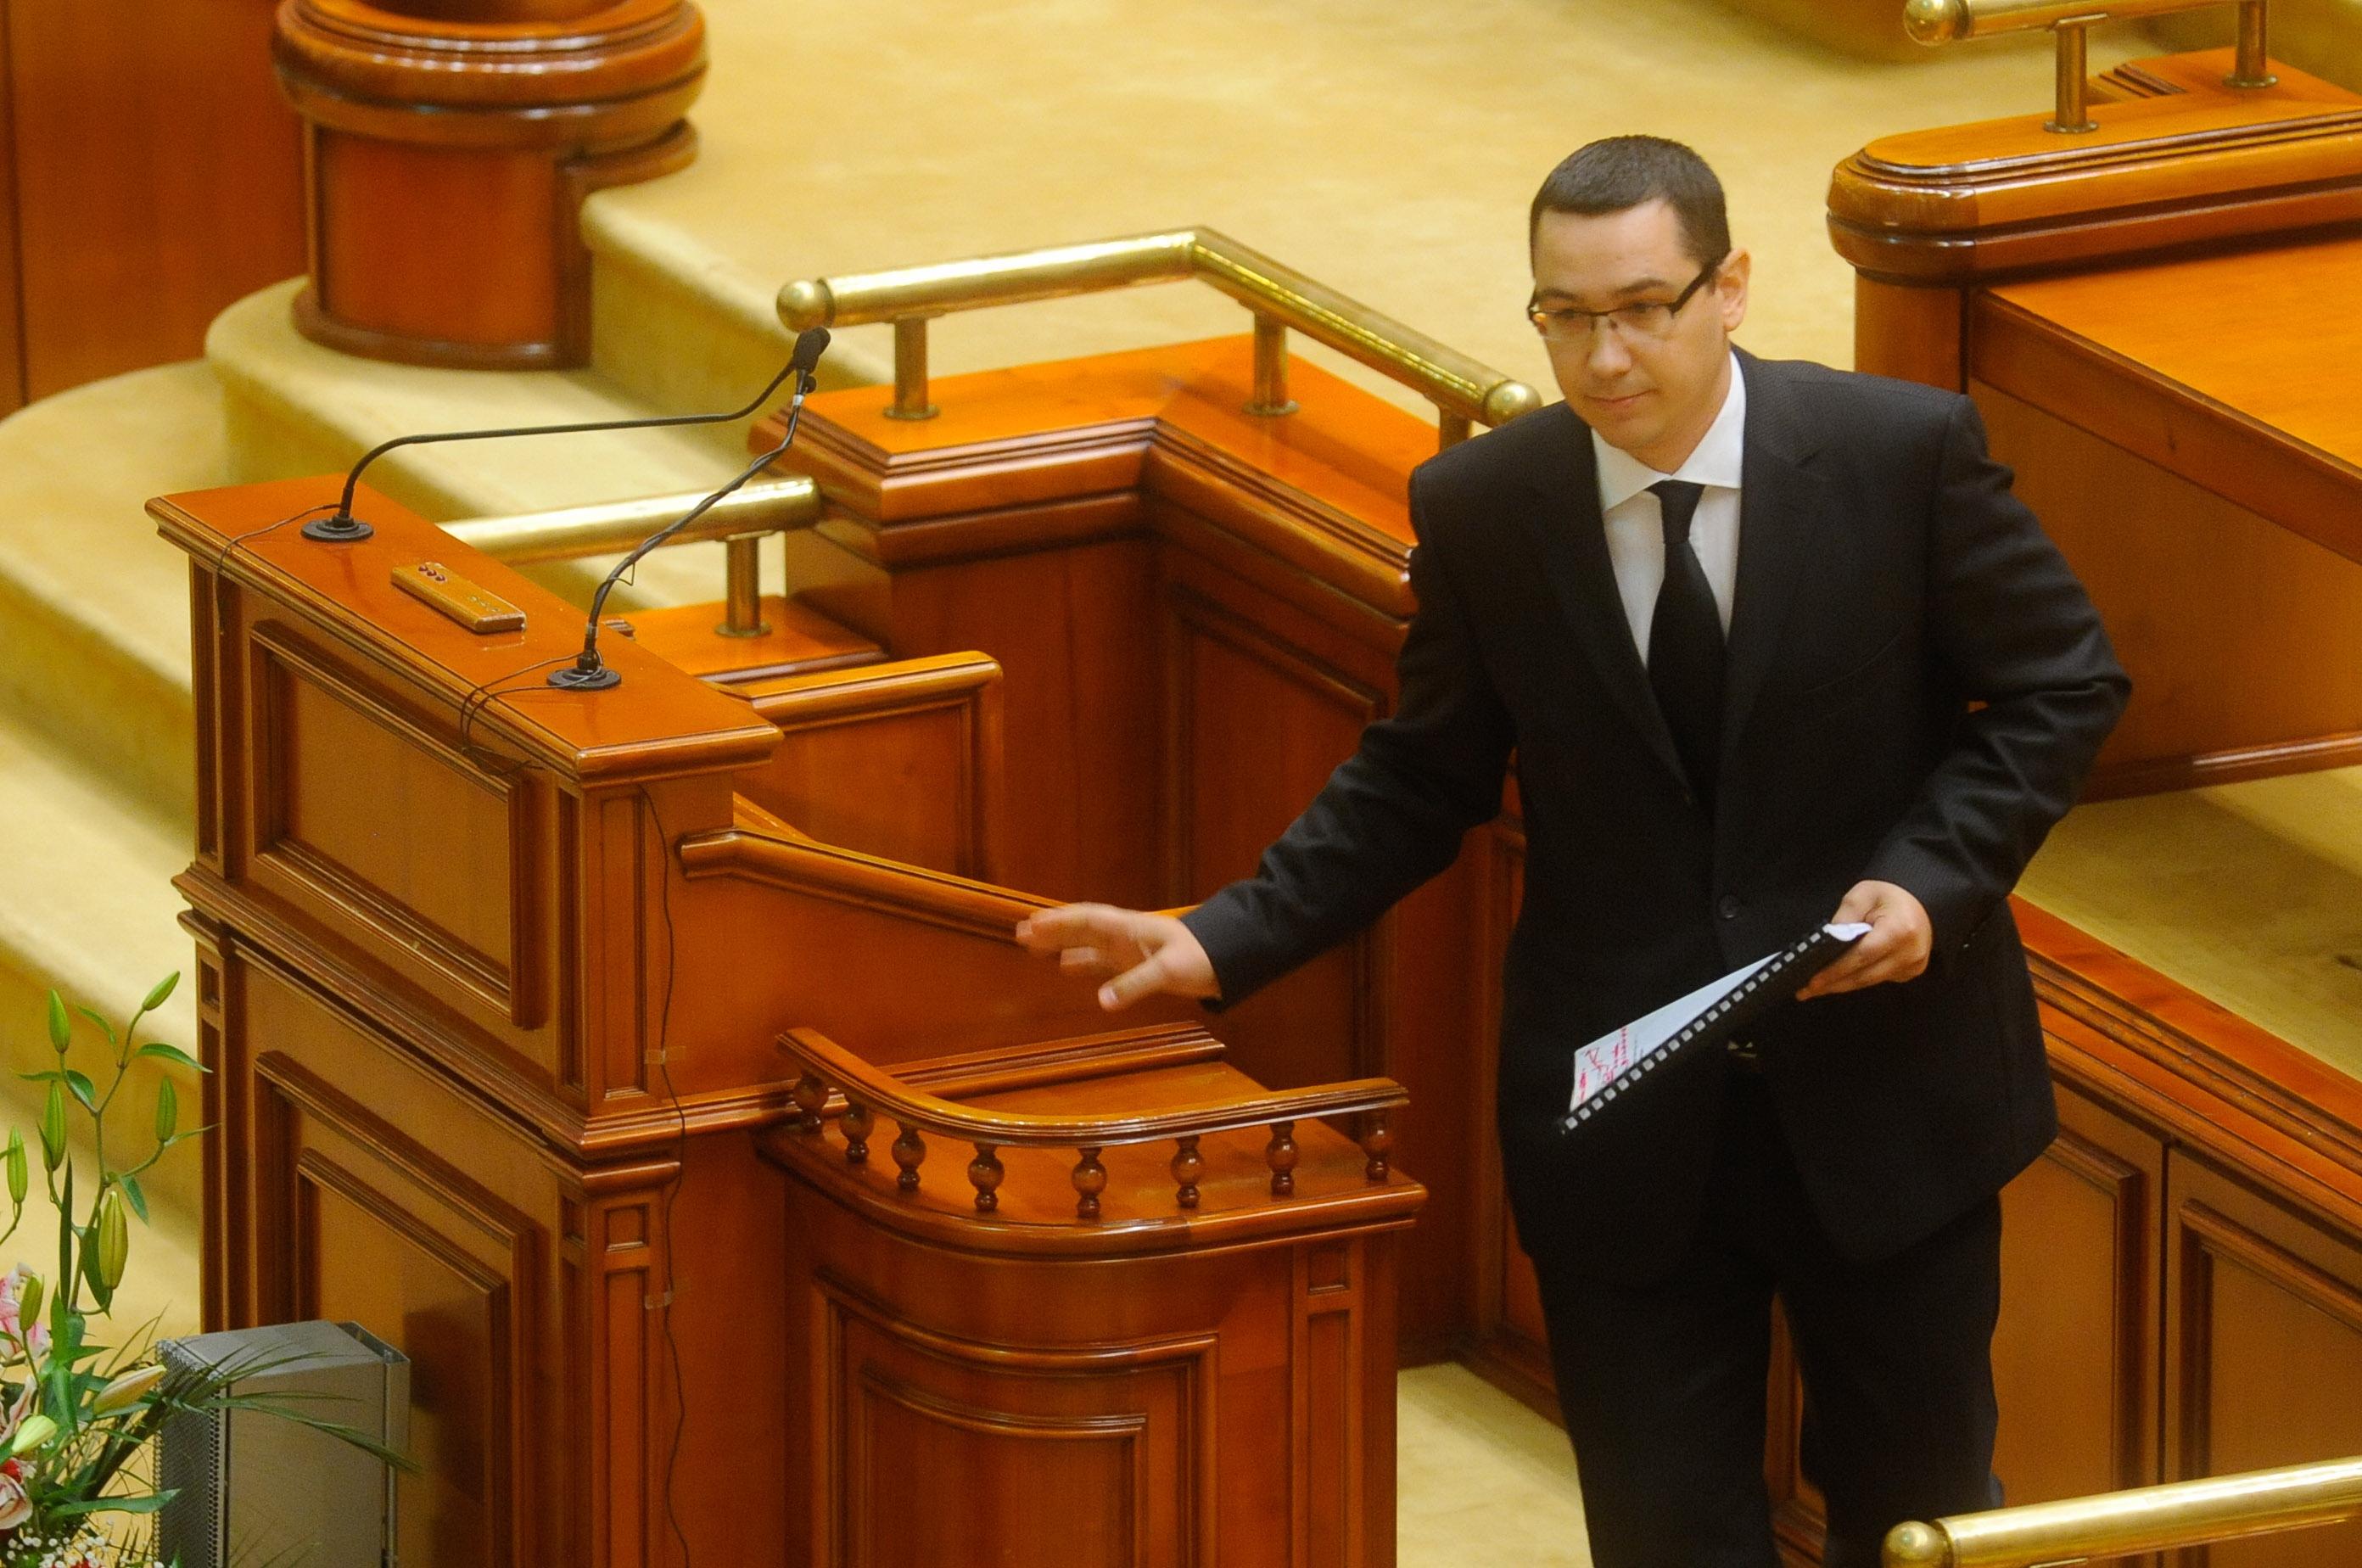 Liberalii au dat un ultimatum politic. Victor Ponta este amenintat cu motiune de cenzura daca nu reduce CAS pana la 1 mai